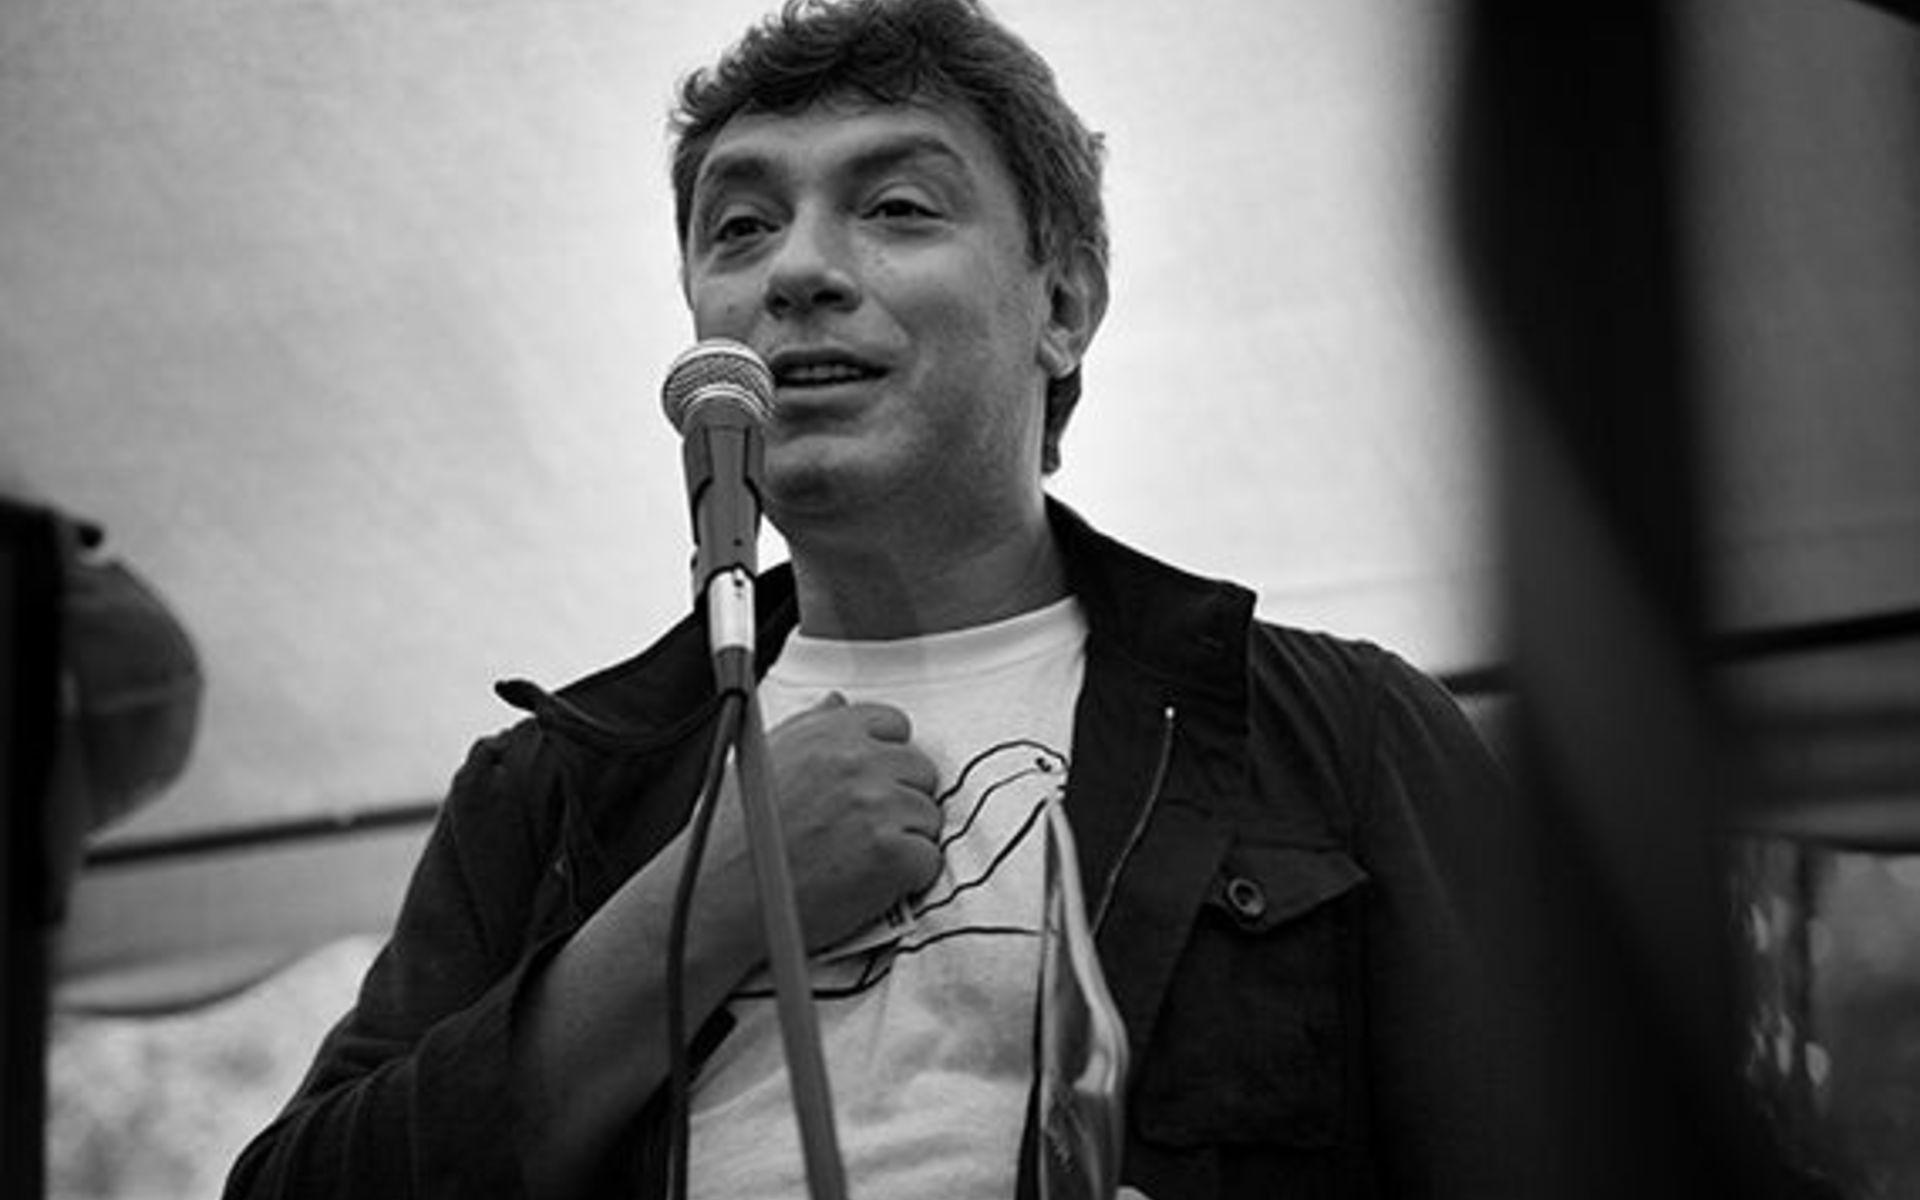 фото ЗакС политика Площади в Праге присвоят имя Немцова несмотря на протесты